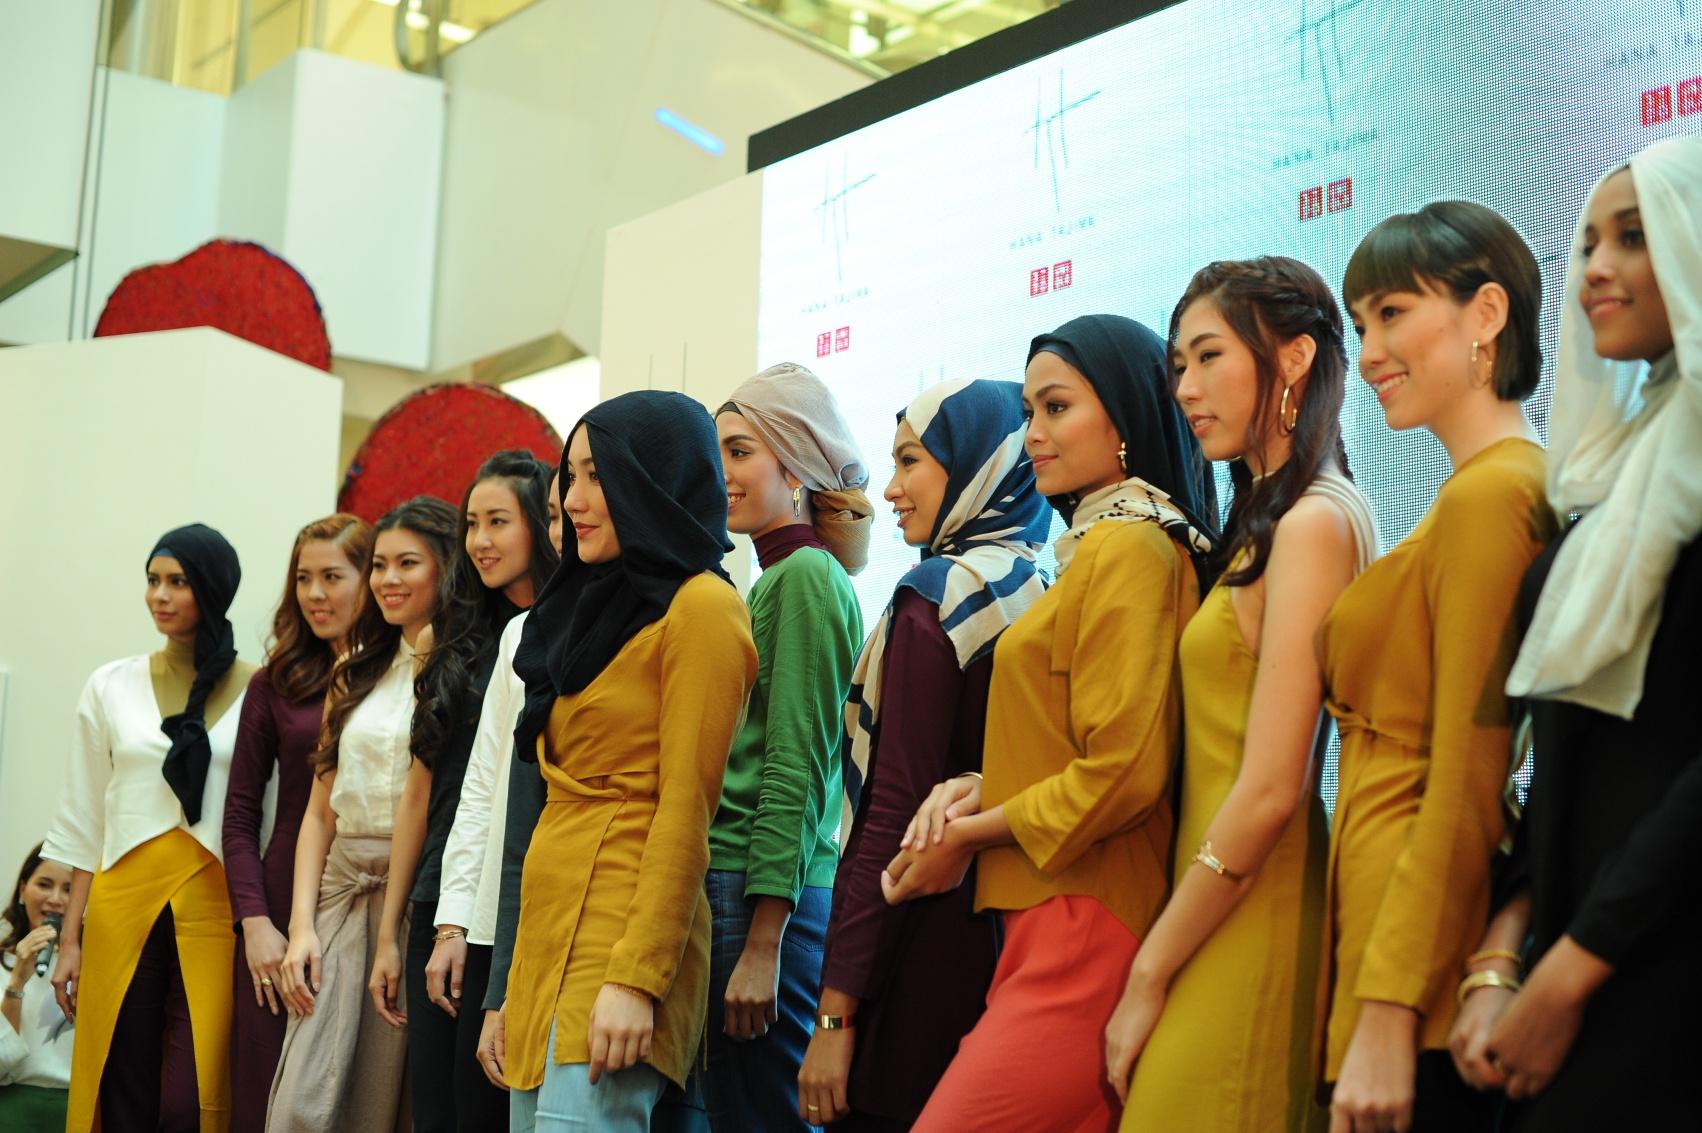 Uniqlo Fashion Show & Launch